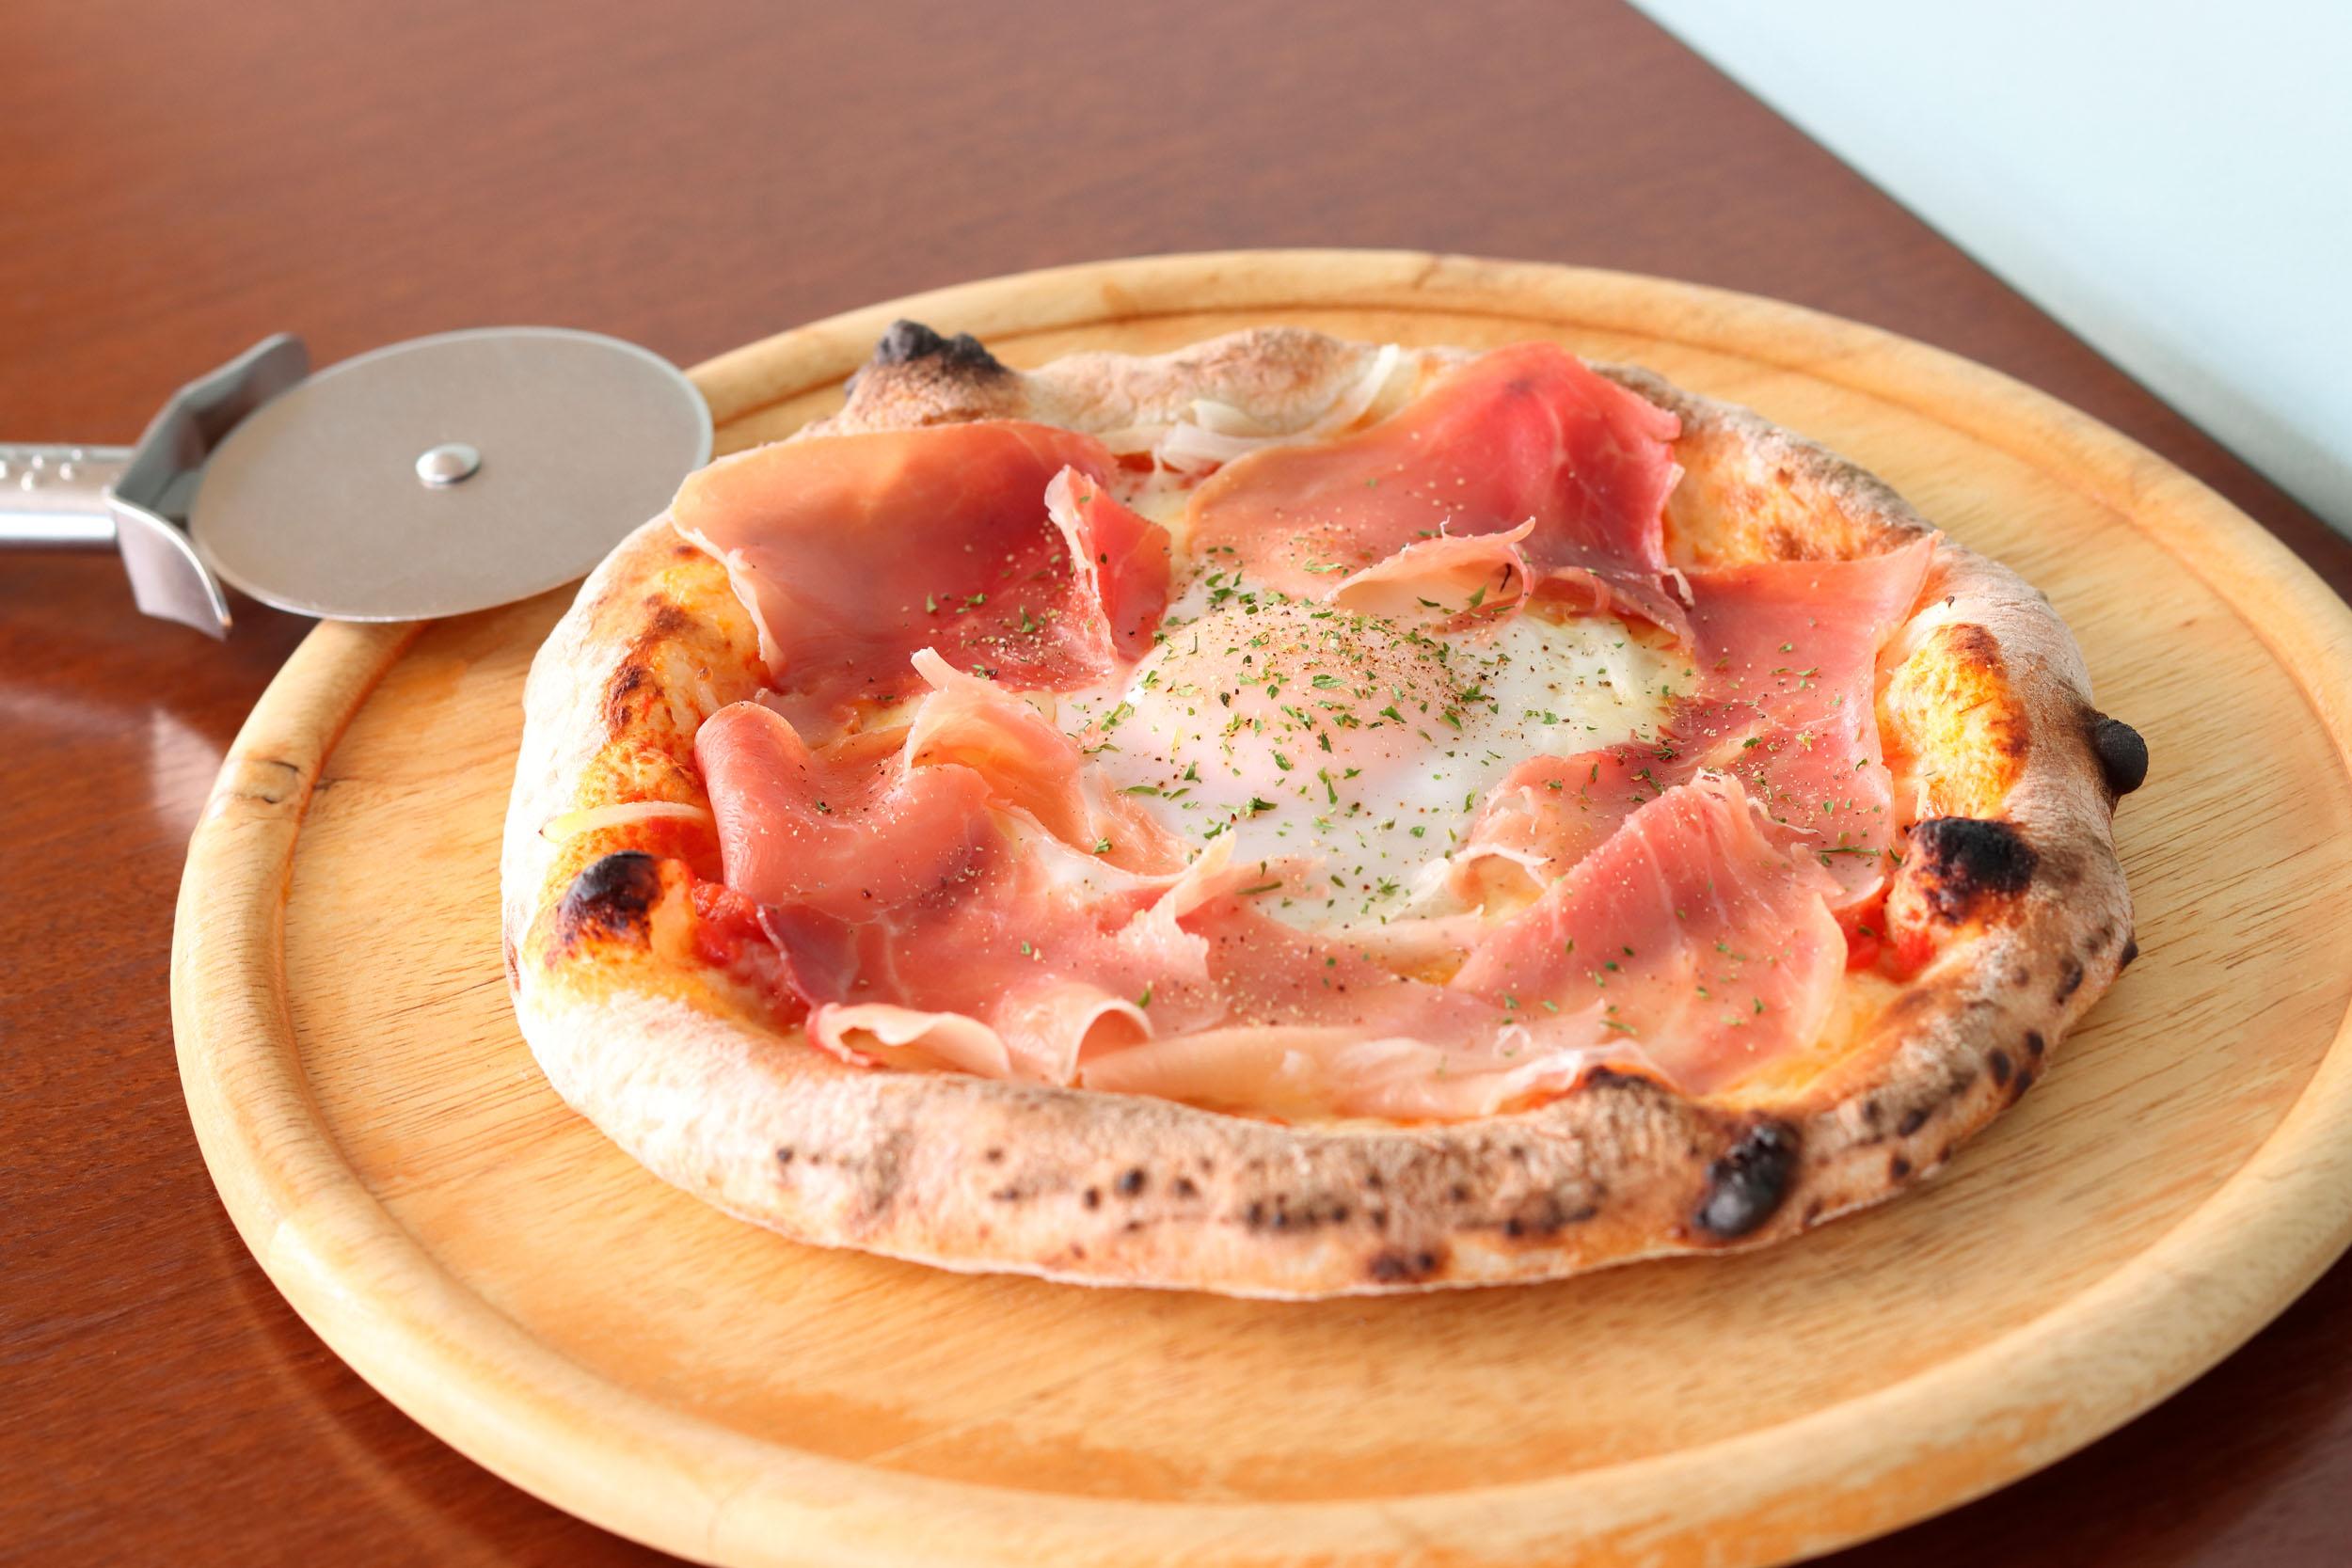 生ハムと半熟卵のピッツァ1485円<br /> オレガノが香るトマトソースにたっぷりの生ハムを散りばめた人気メニュー。ランチセットはサラダ&前菜・ドリンク・デザート付き